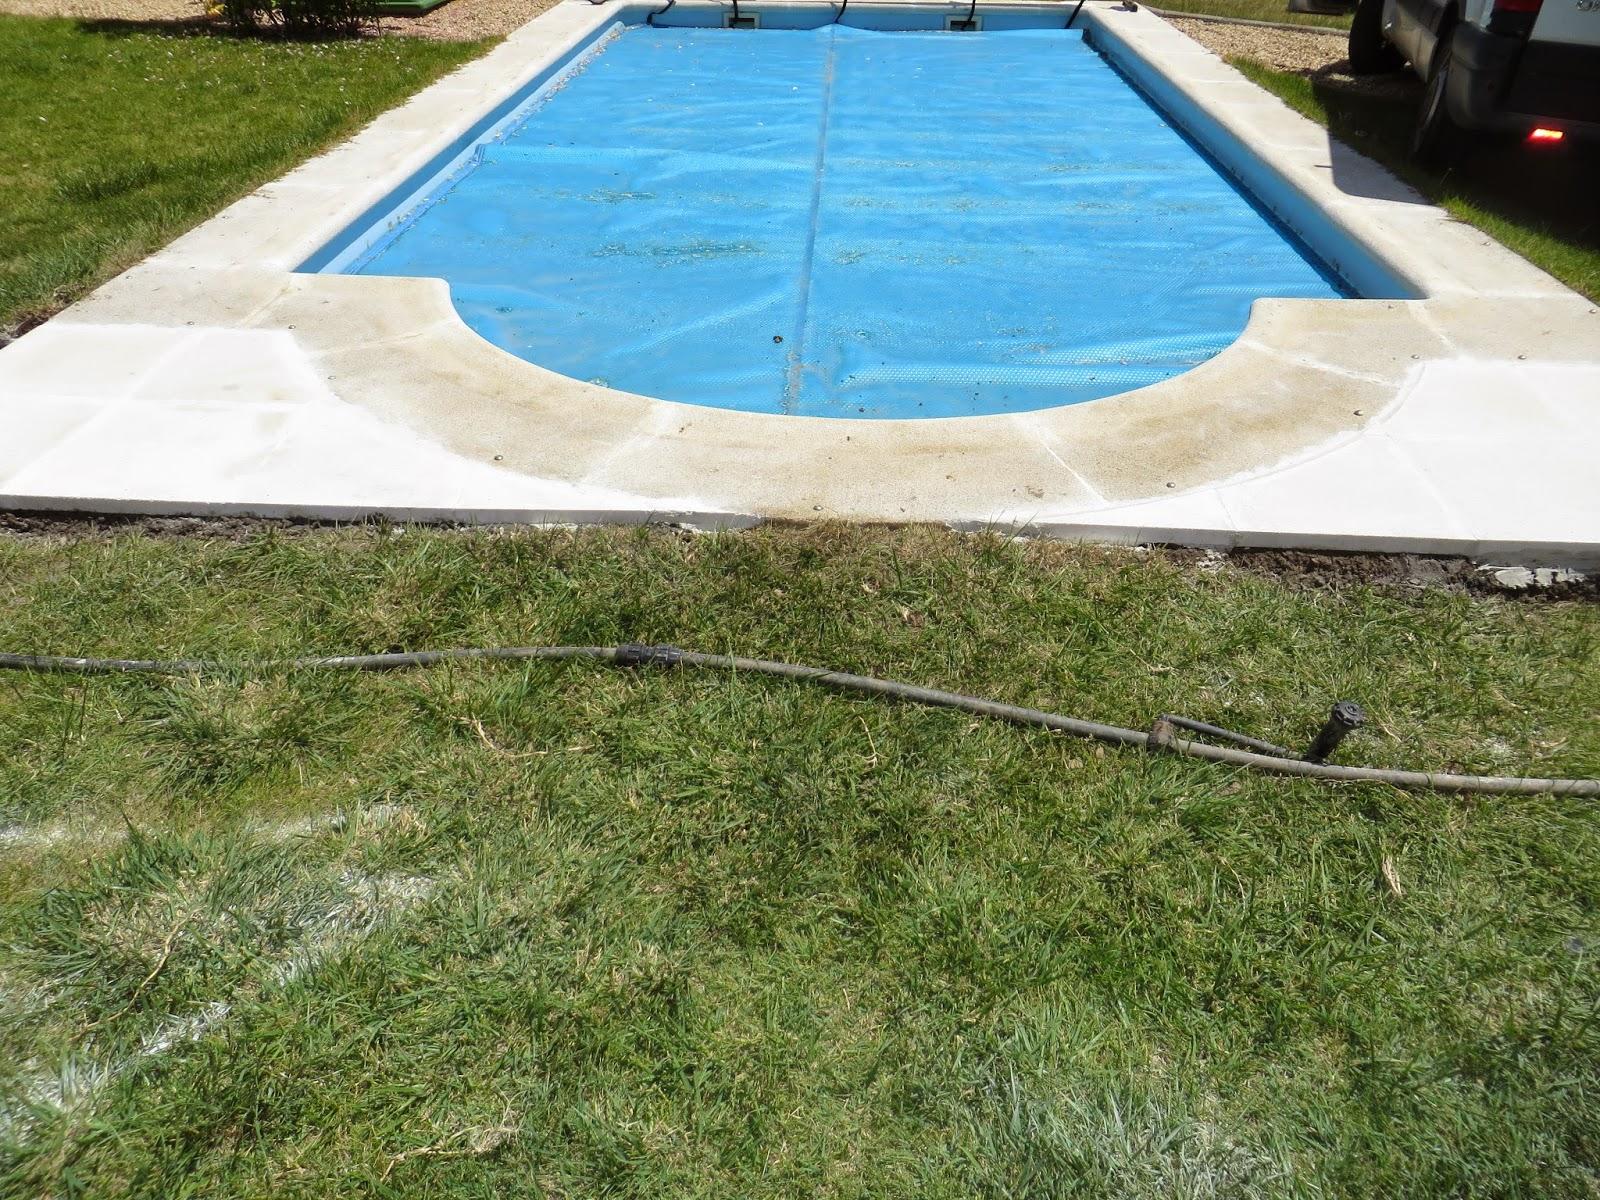 Reformasvillasolle nmultiservicios for Construccion de piscinas en mexico